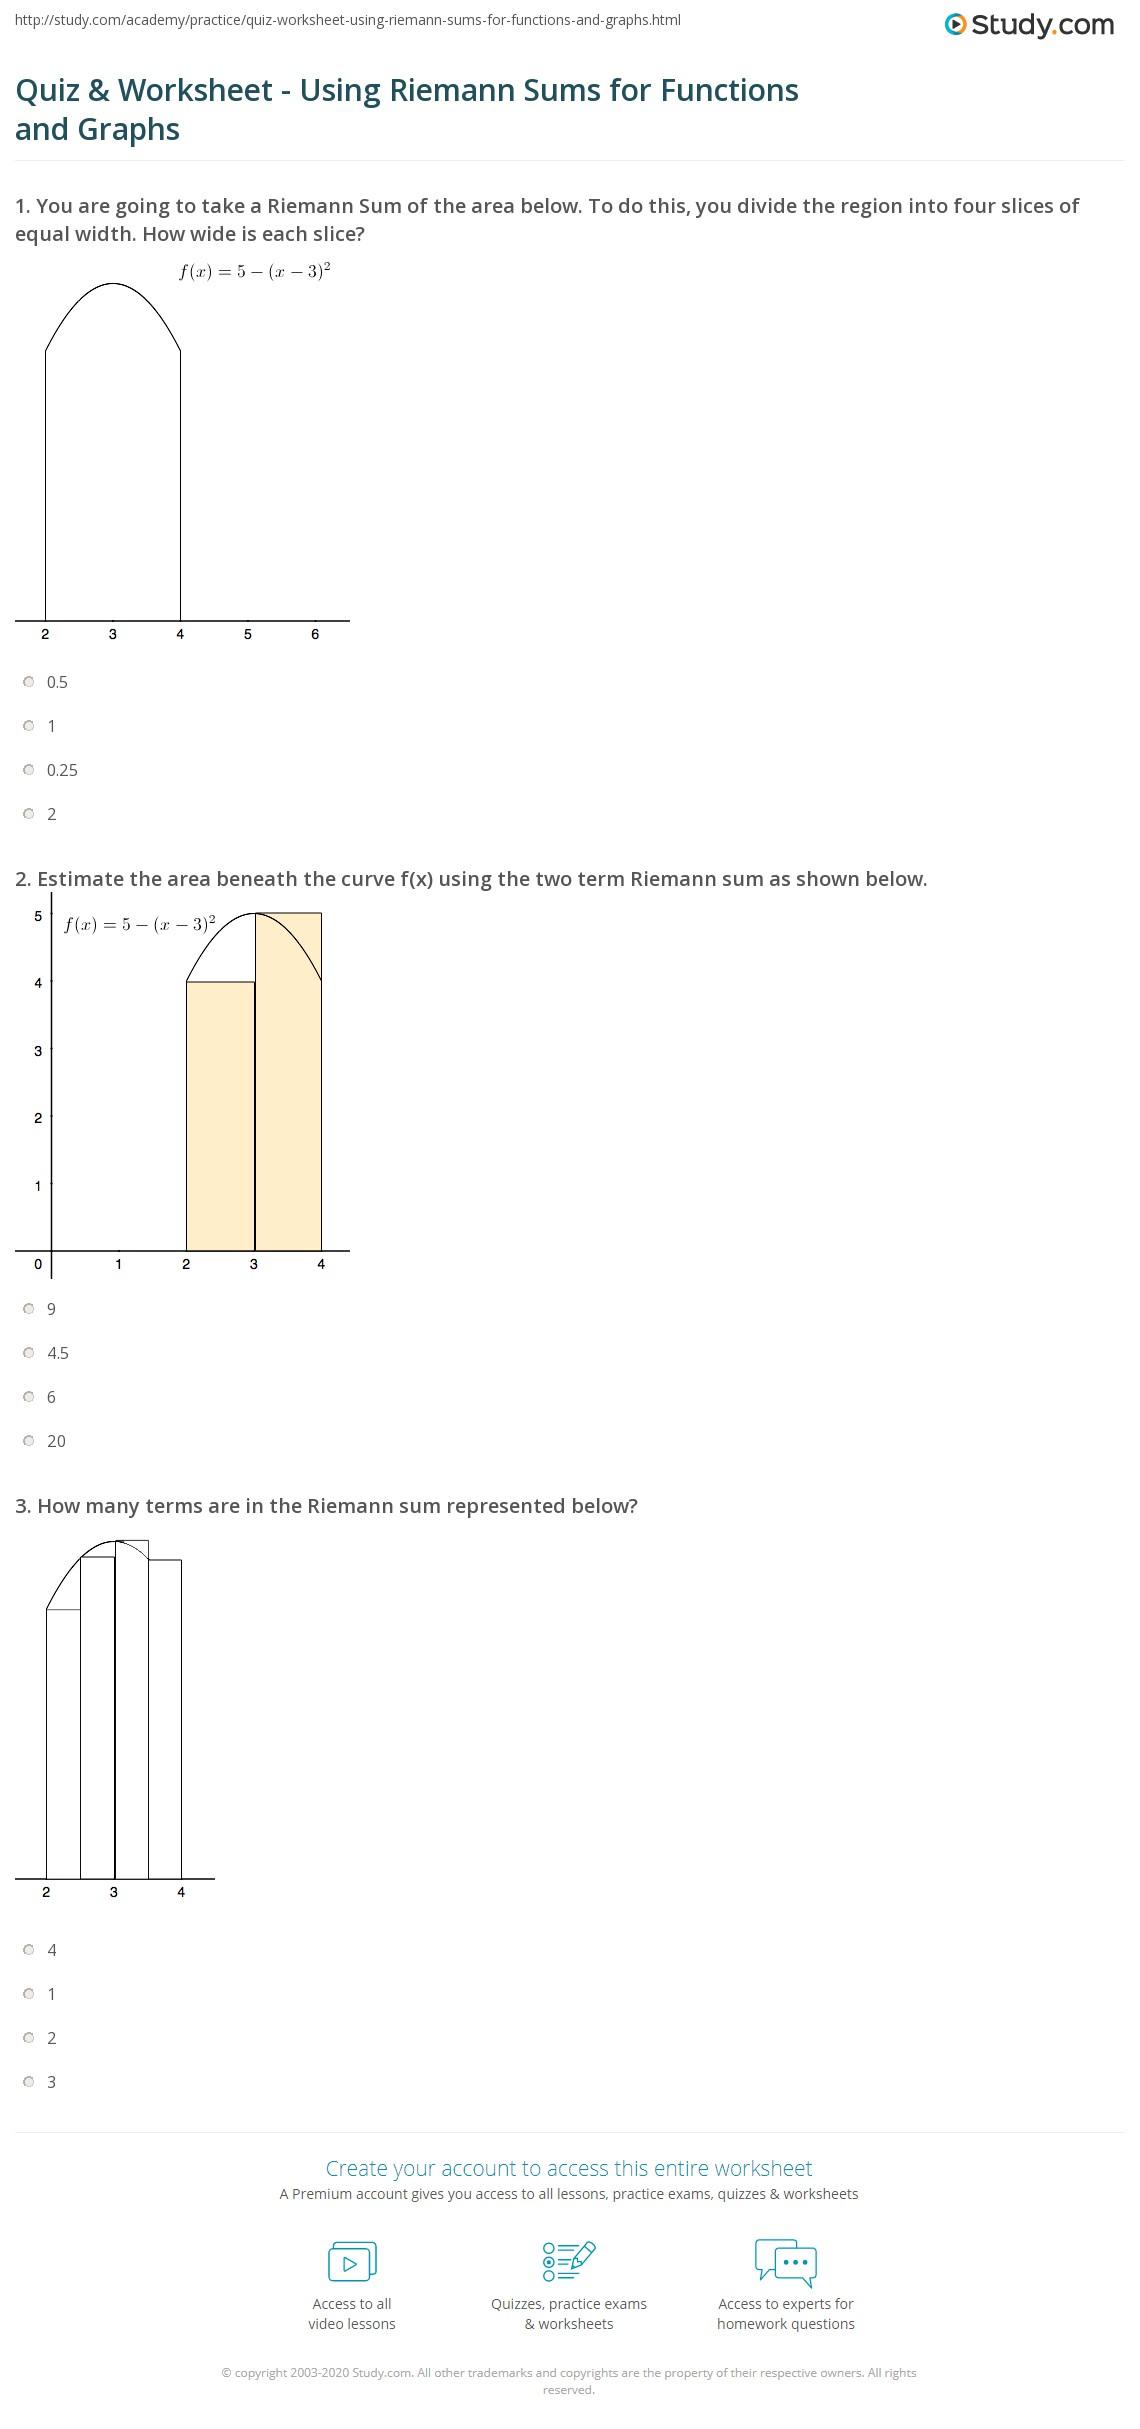 Quiz W Ksheet Us G Riem Nn Sums Functi S Nd Gr Phs